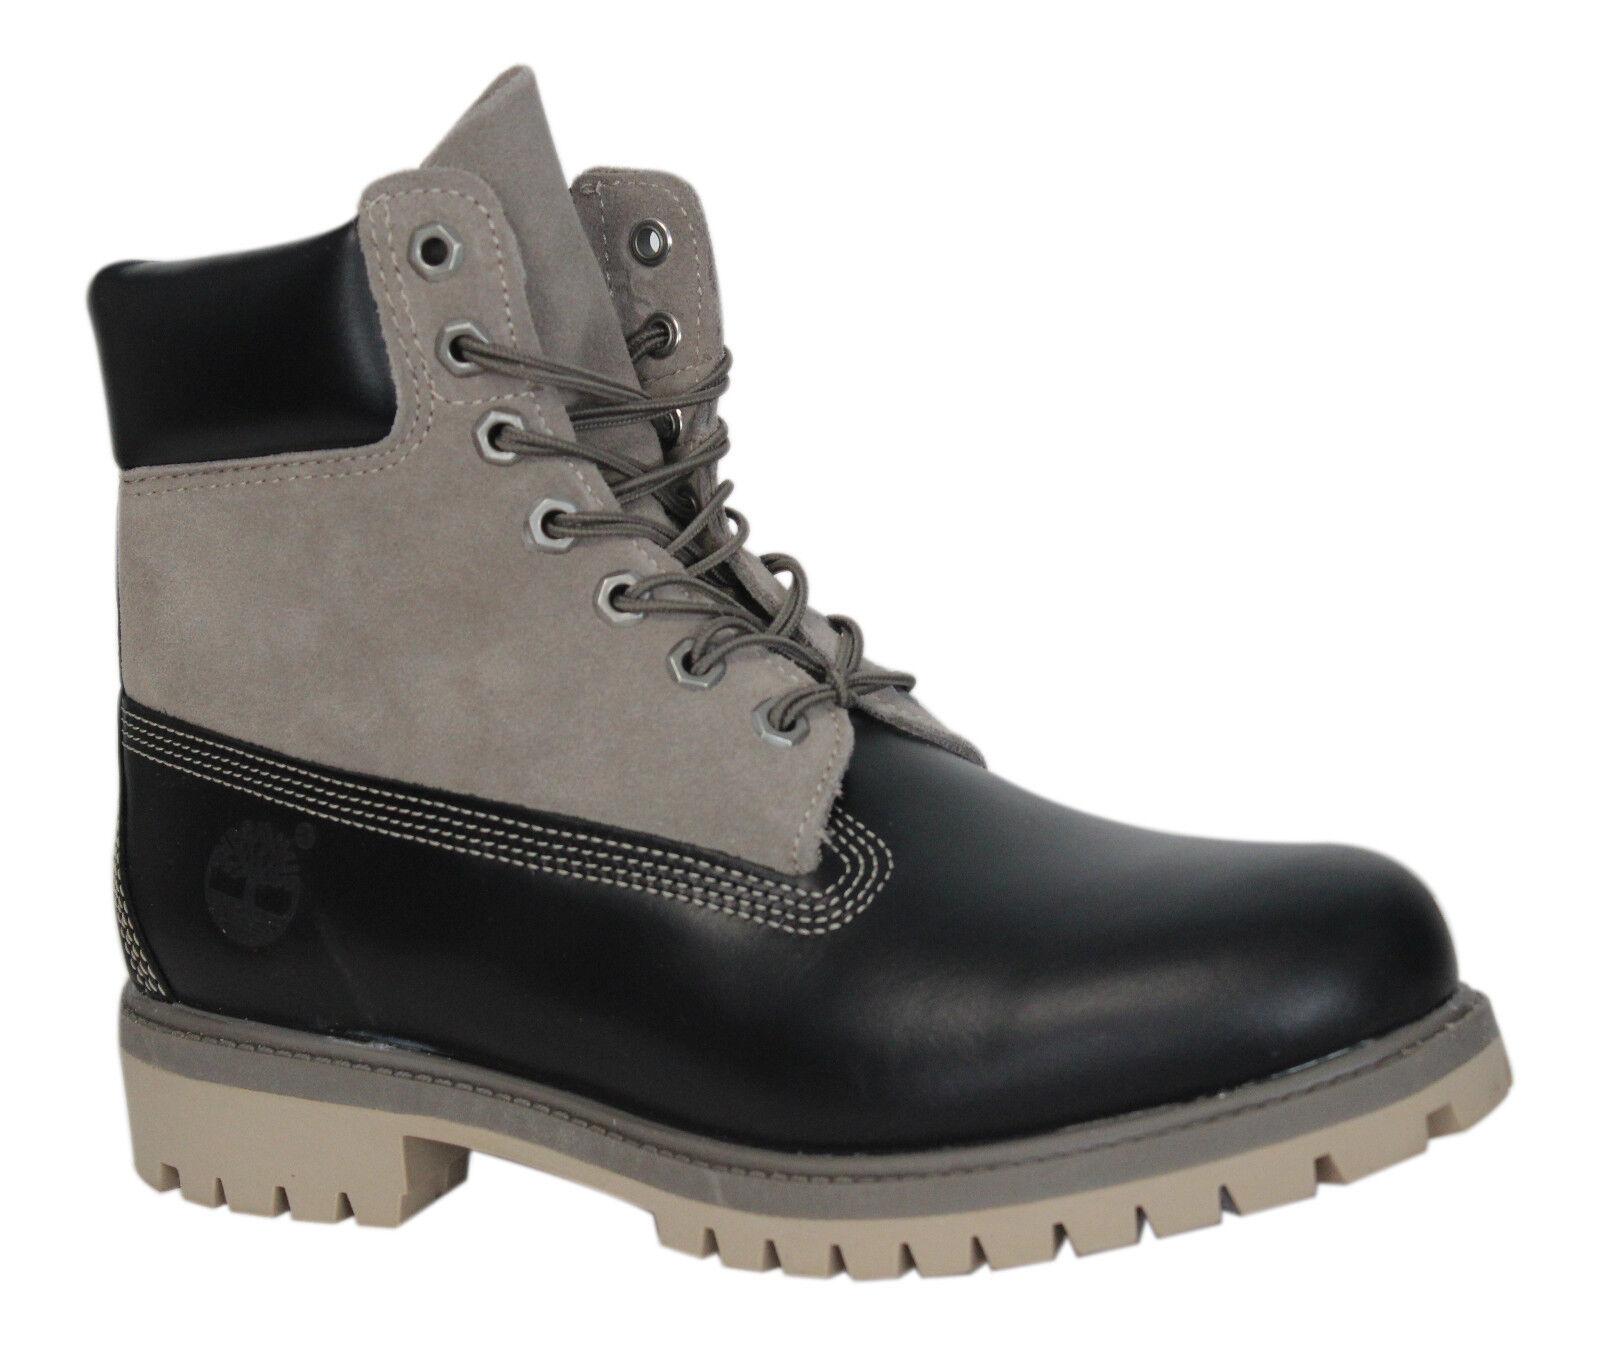 Detalles de Timberland Fg 6 Pulgadas Premium Botas de Cuero Negro Hombres con Cordones ante